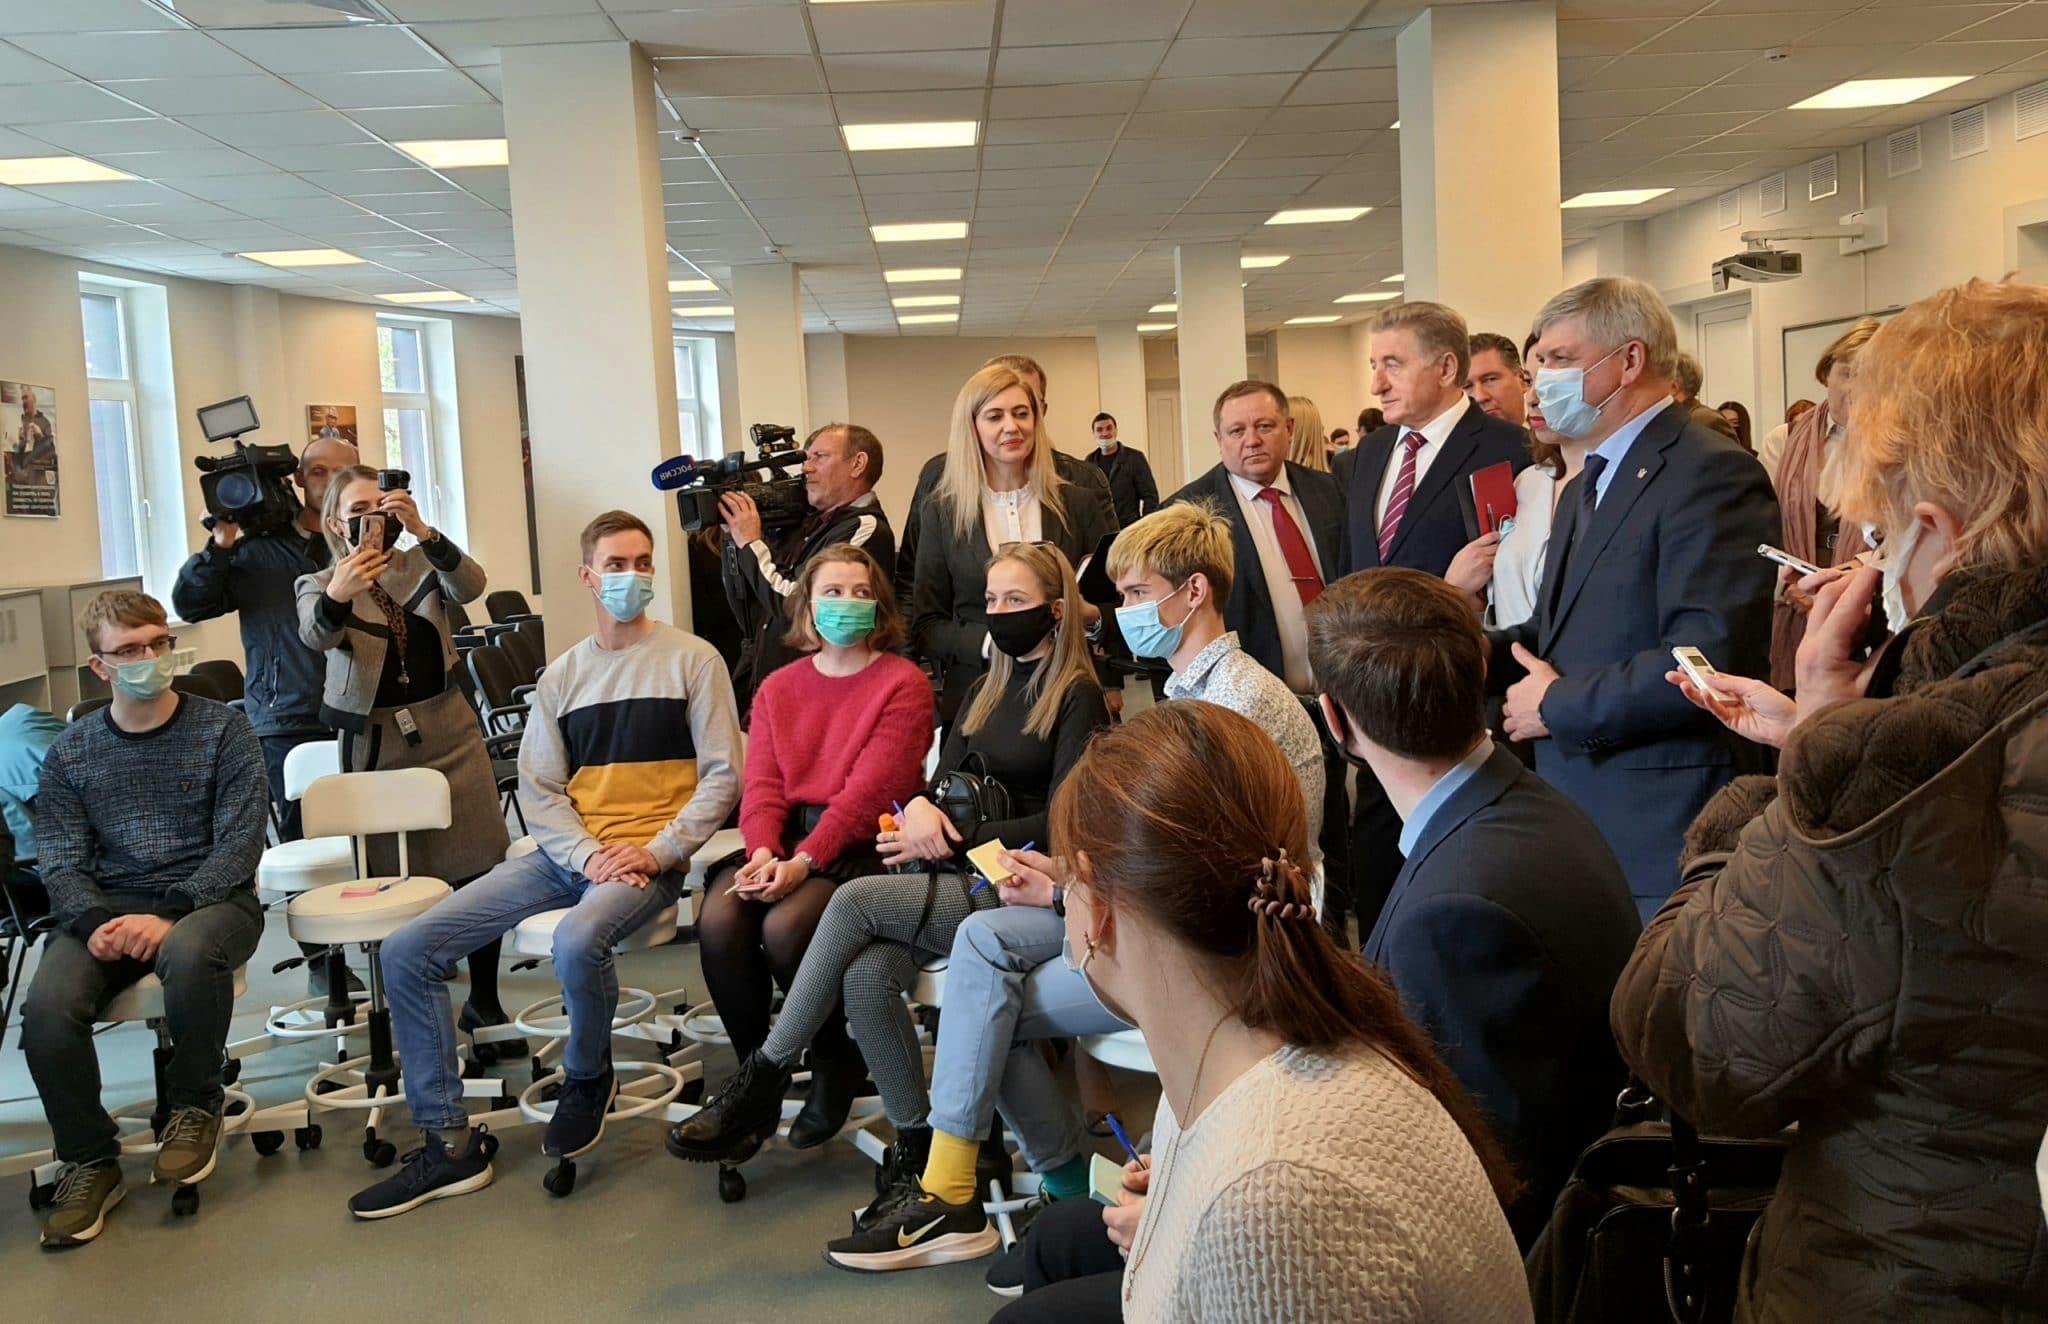 Сергей Лукин: Система высшего образования должна быть ориентирована на развитие региональных экономик